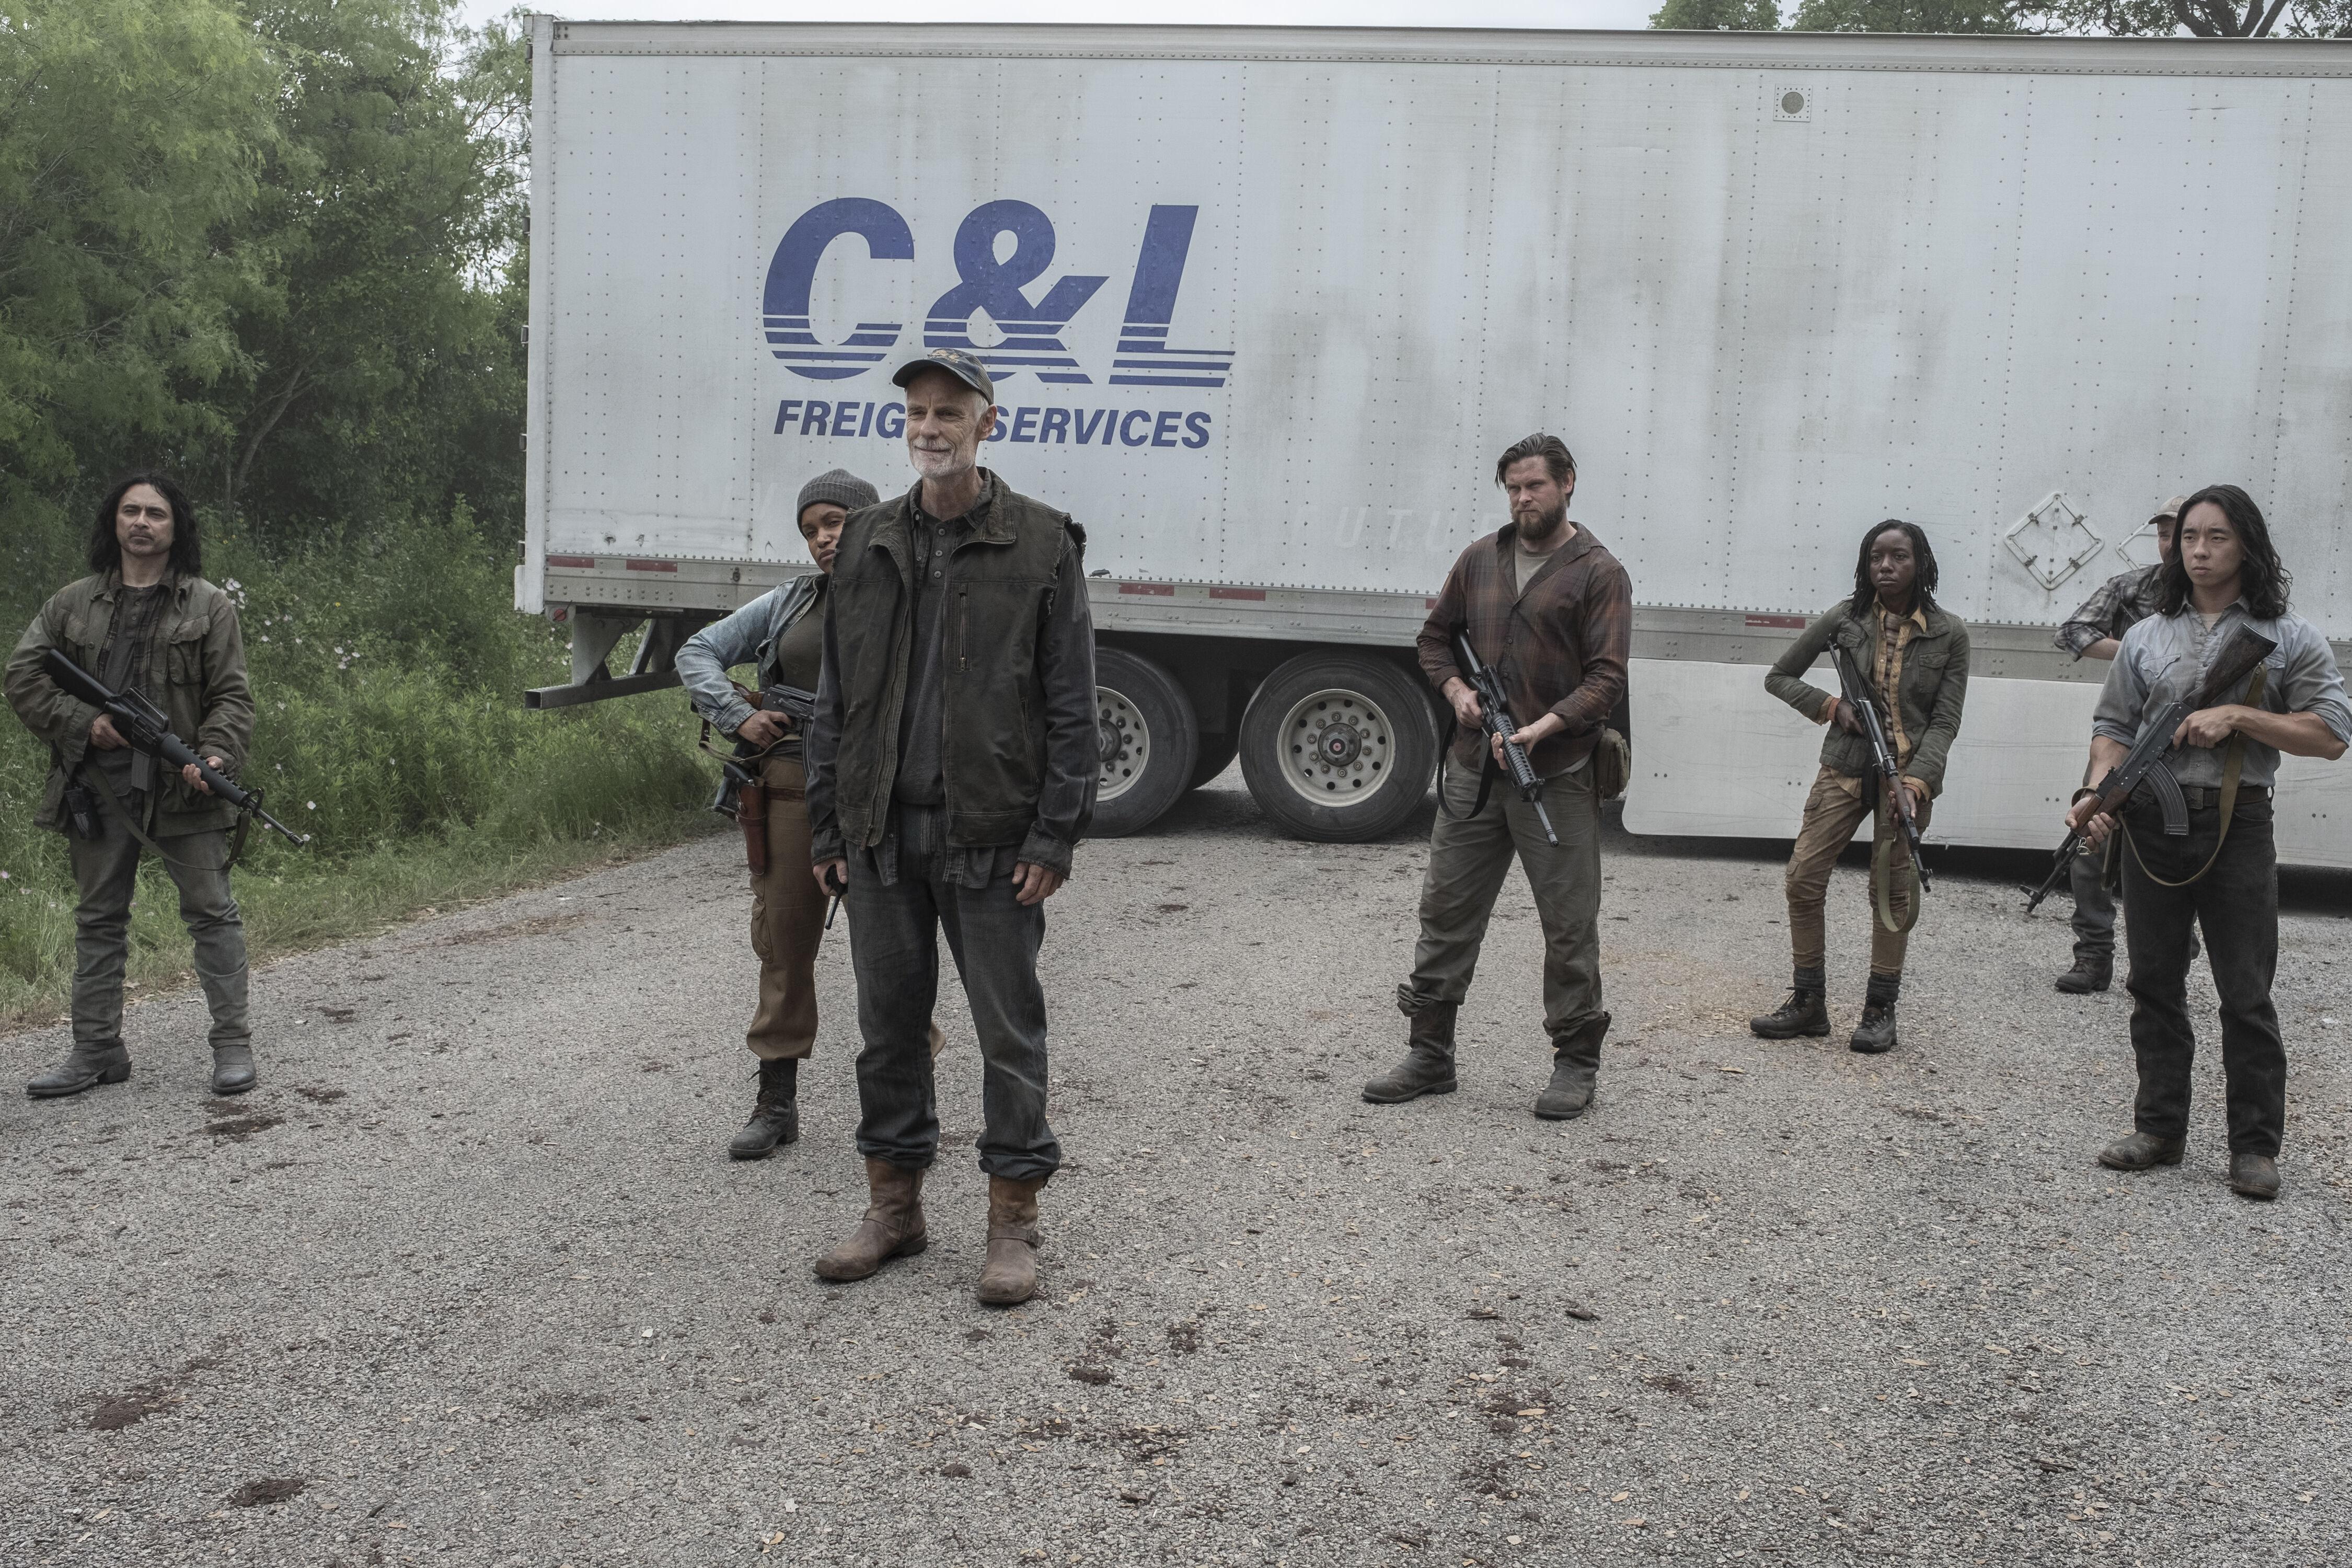 Logan's Crew